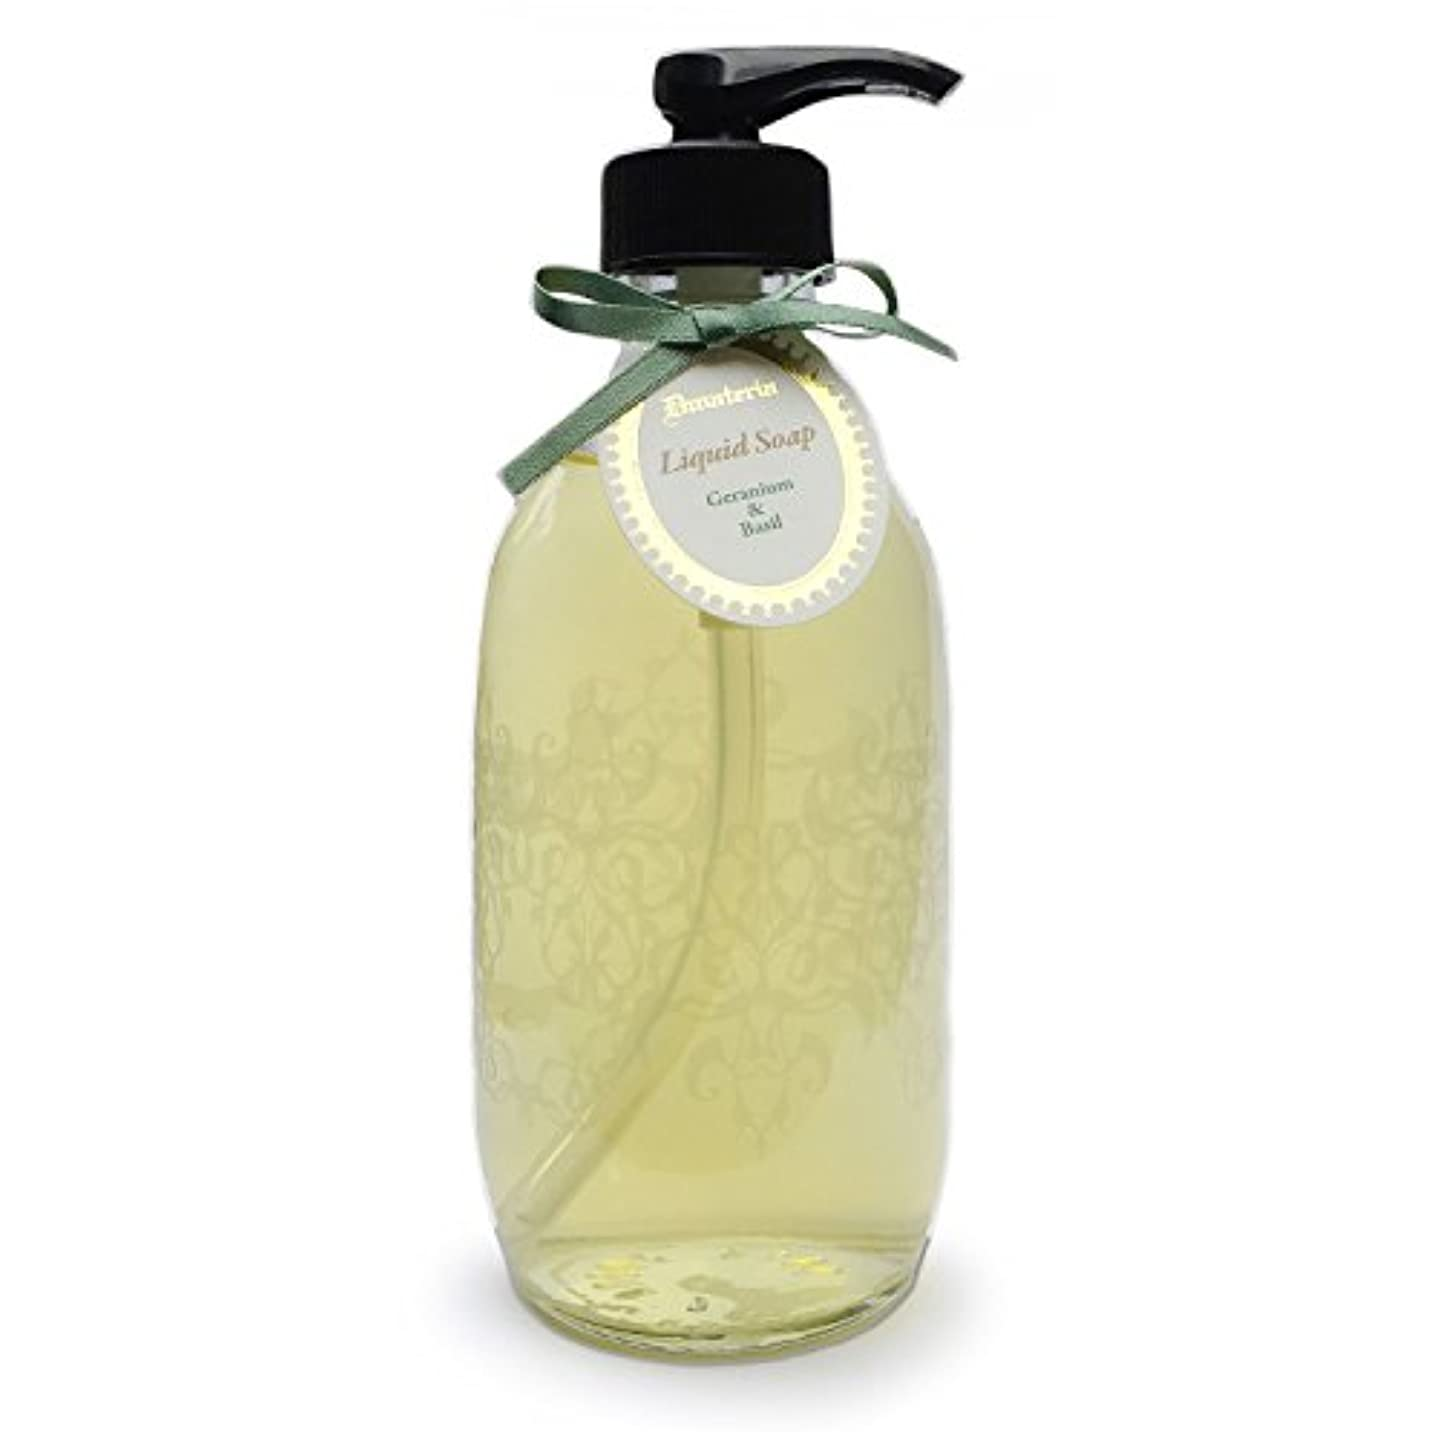 組立人工的な忍耐D materia リキッドソープ ゼラニウム&バジル Geranium&Basil Liquid Soap ディーマテリア